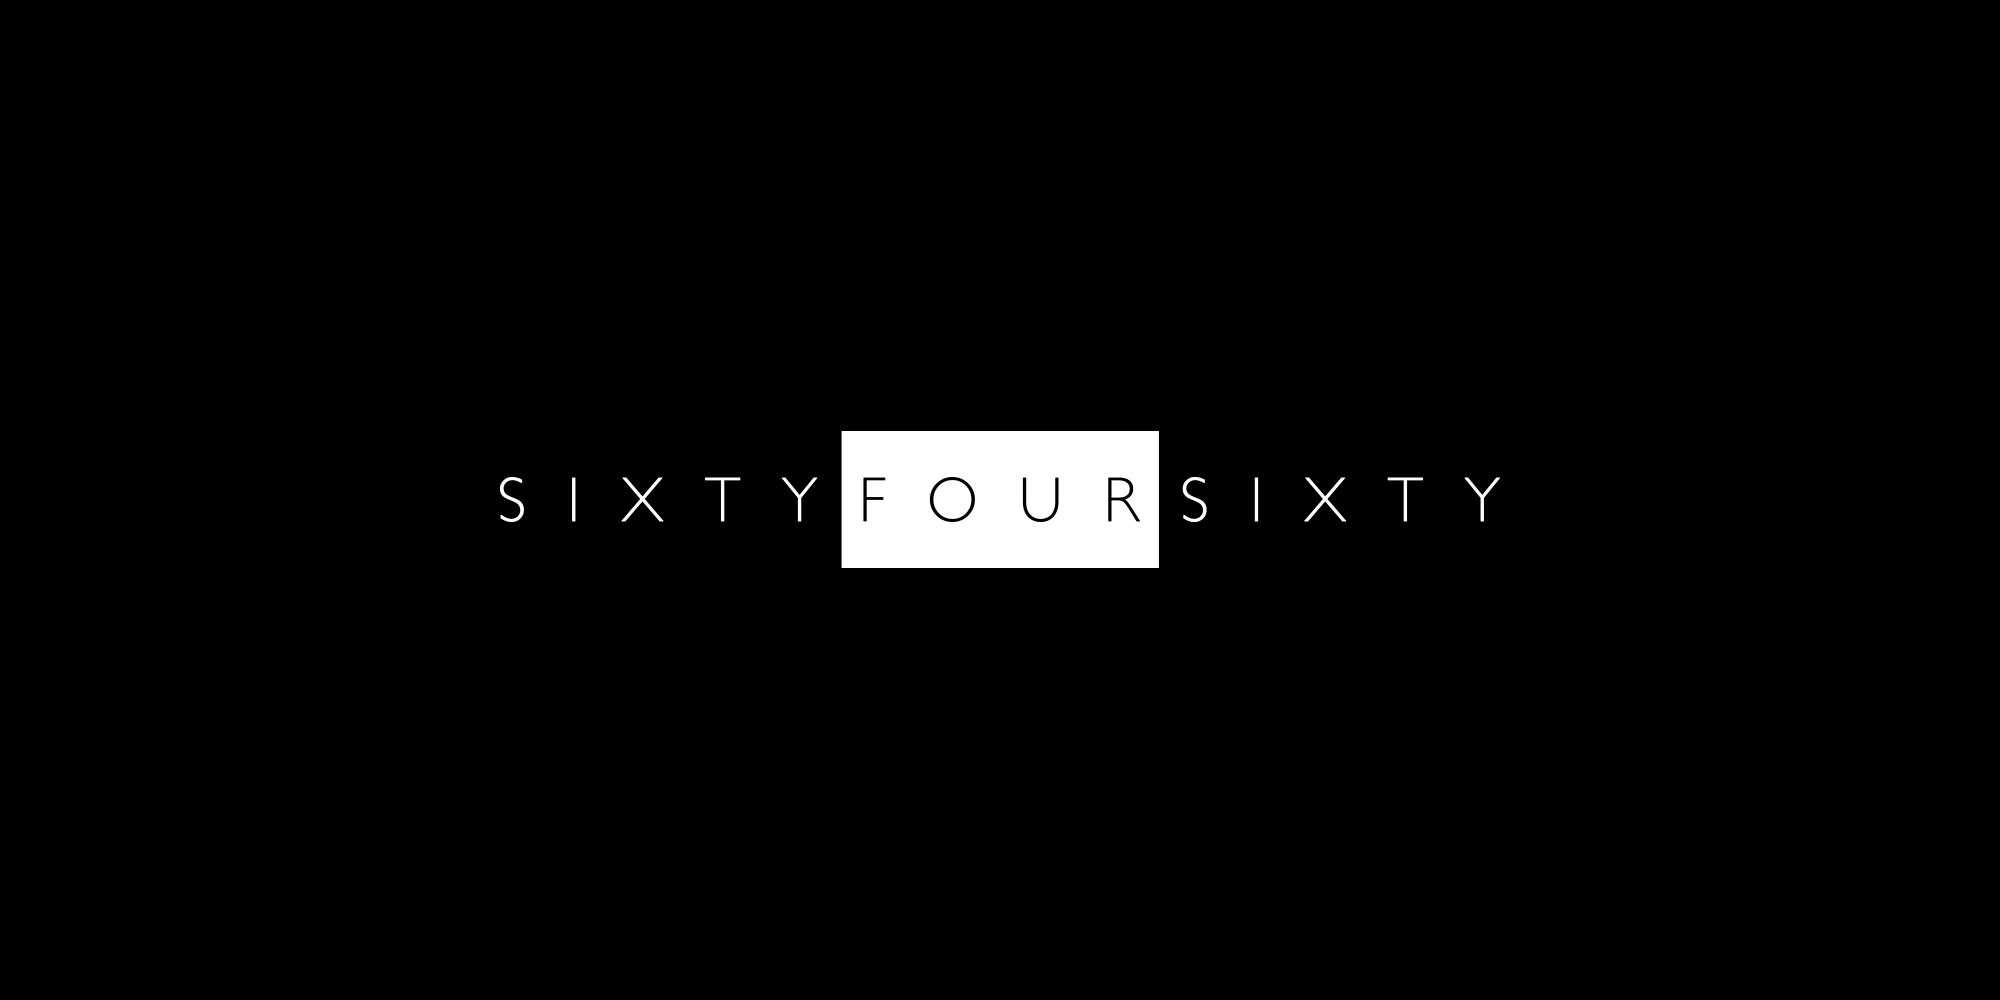 sixtyfoursixty